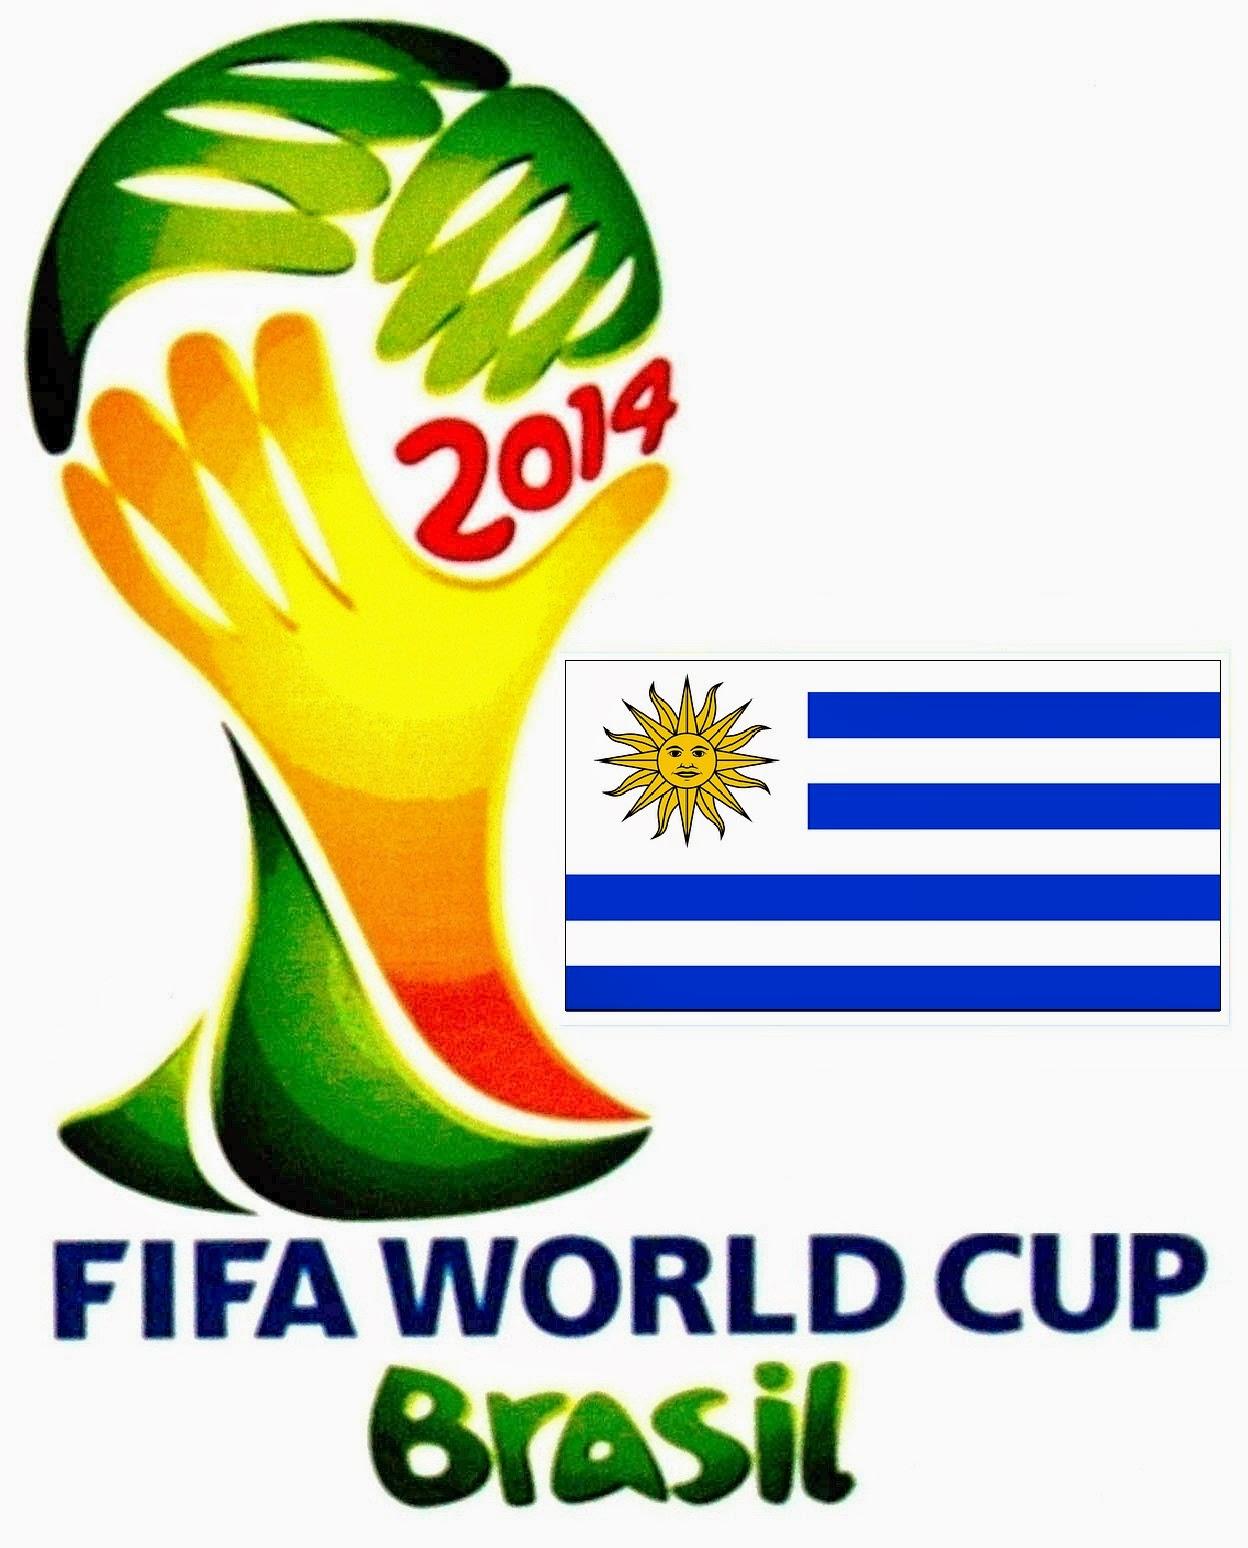 Daftar Nama Pemain Timnas Uruguay Piala Dunia 2014